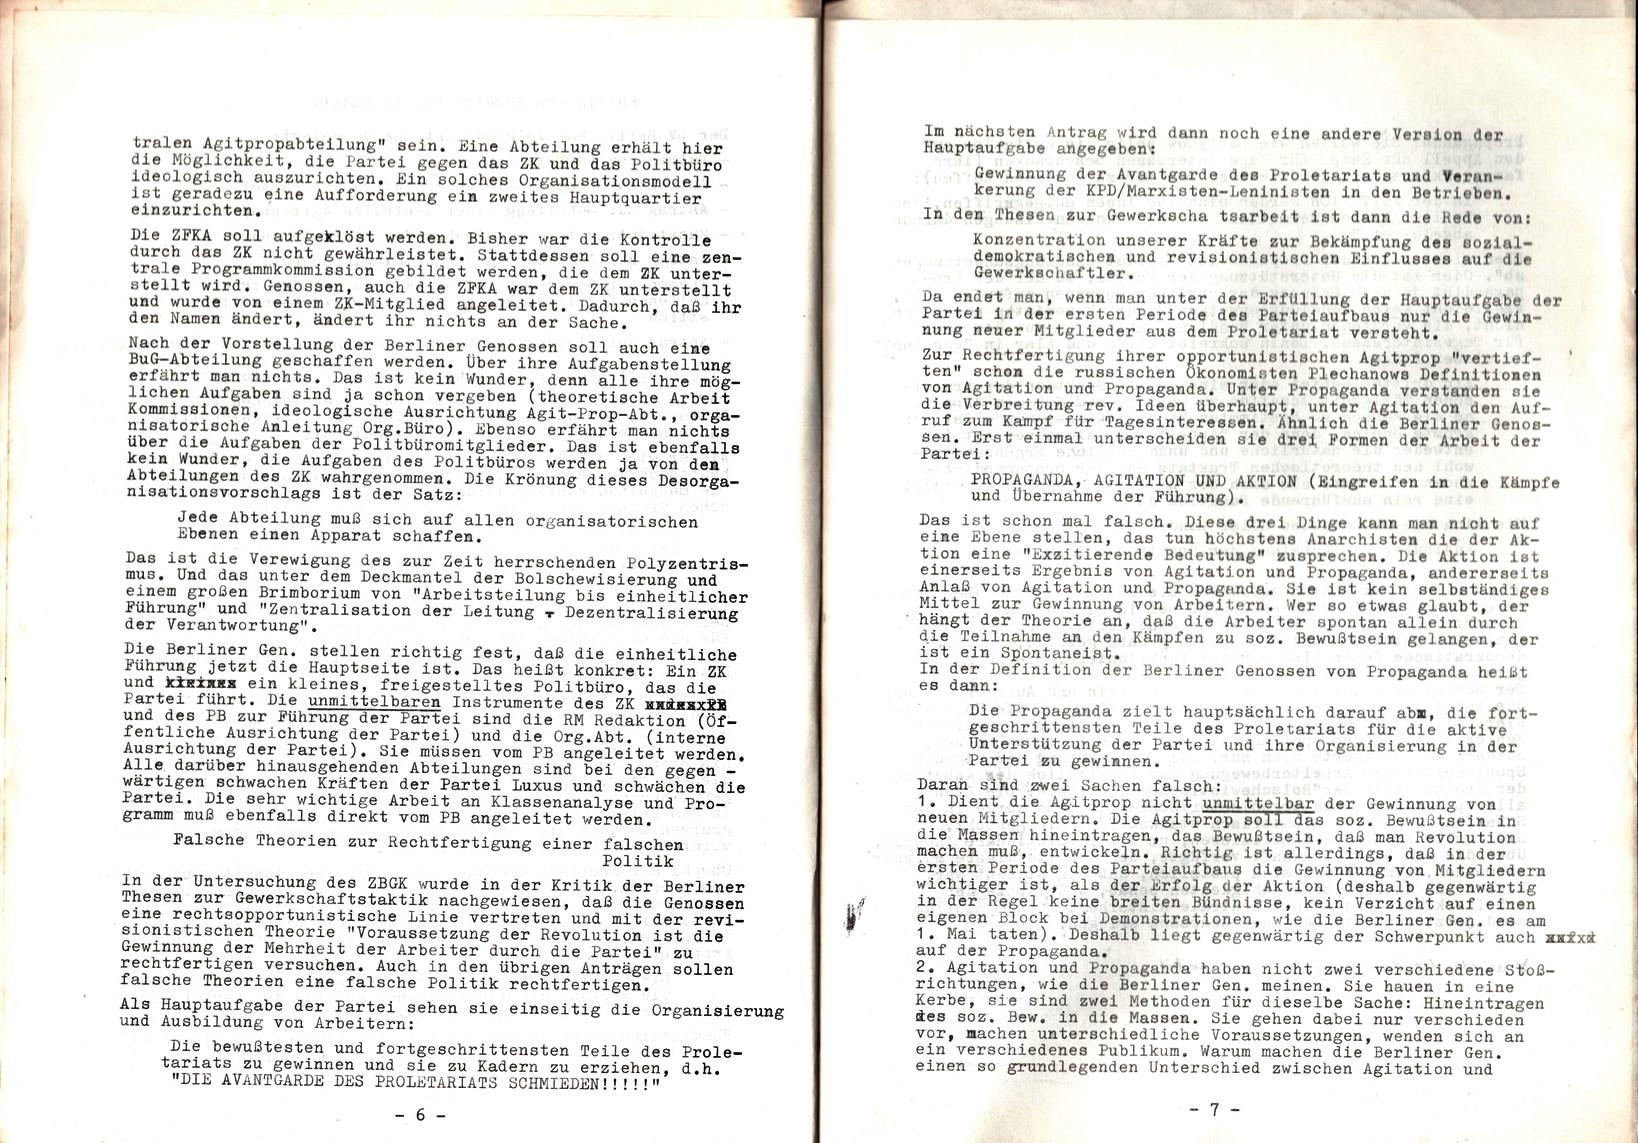 KPDML_1971_Analysen_und_Antraege_des_LV_Sued_West_053